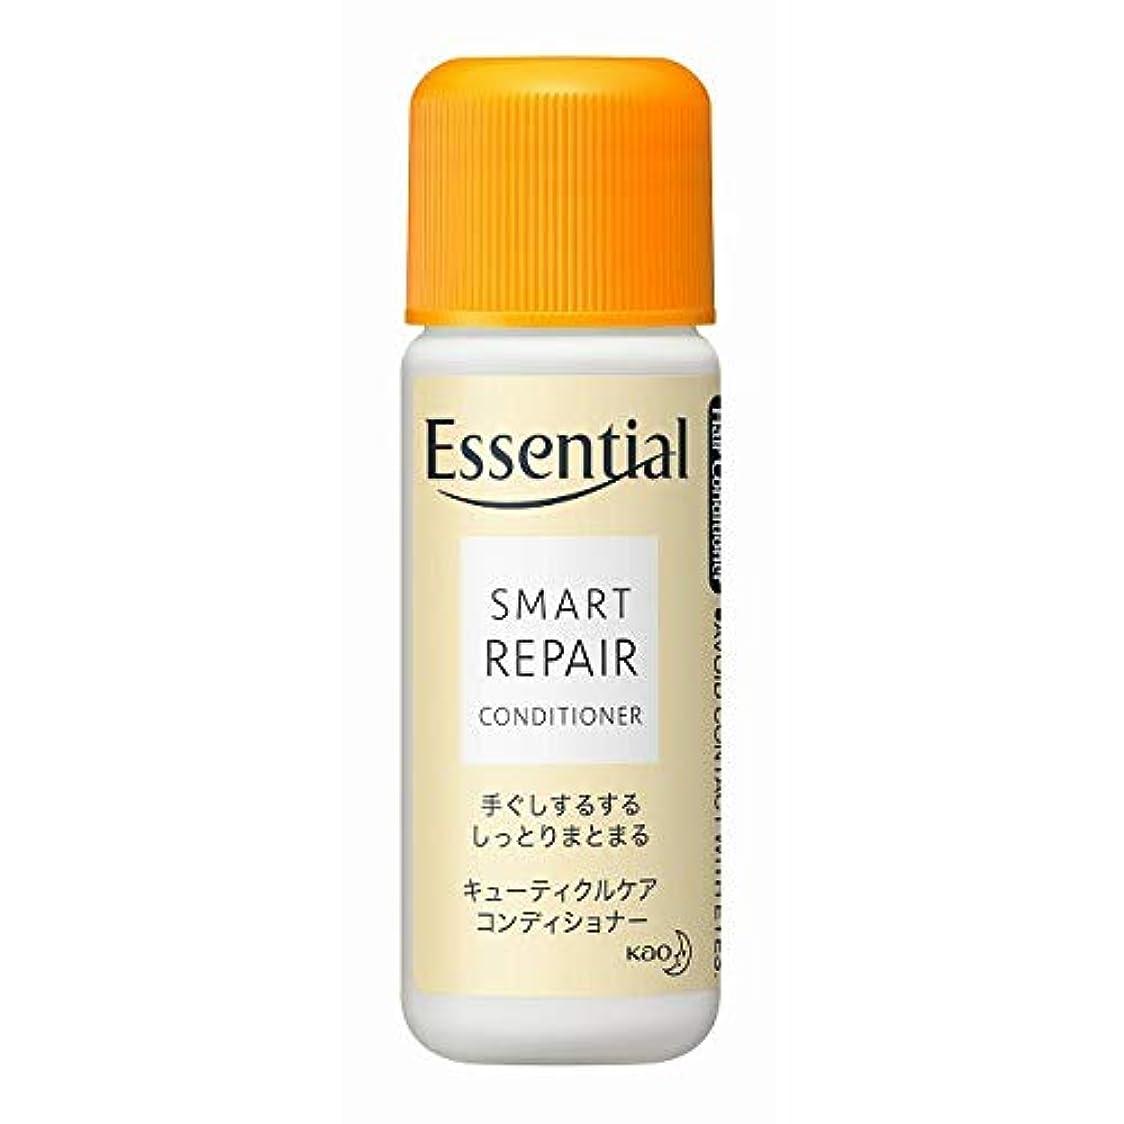 位置づける人類大混乱花王 エッセンシャル(Essential) しっとりツヤ髪 シャンプー 業務用 ミニボトル 16mL×20個